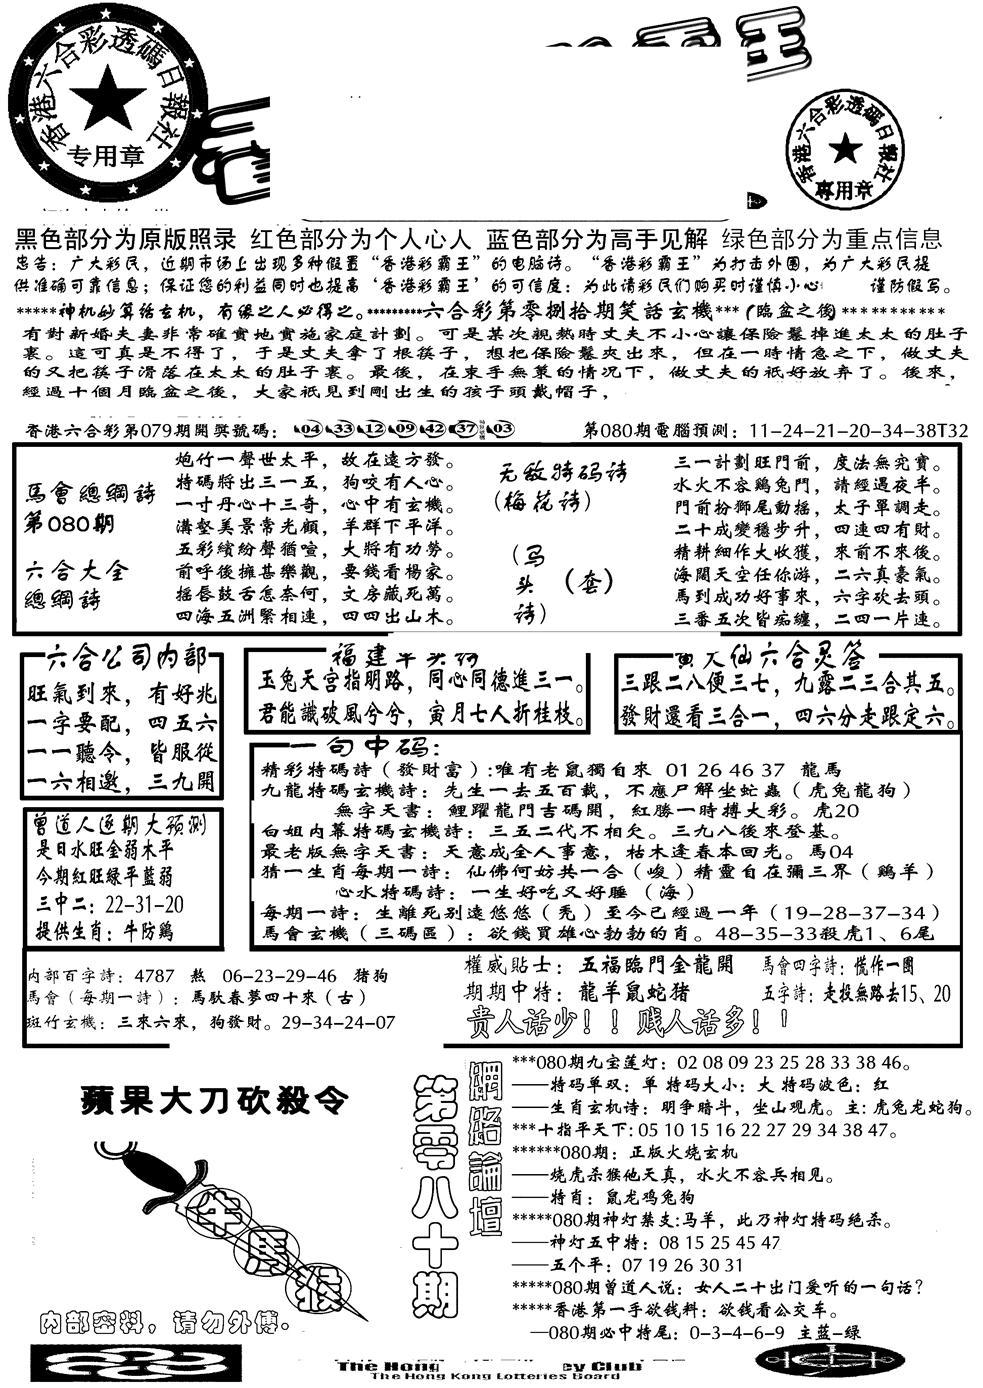 080期大刀彩霸王A(黑白)